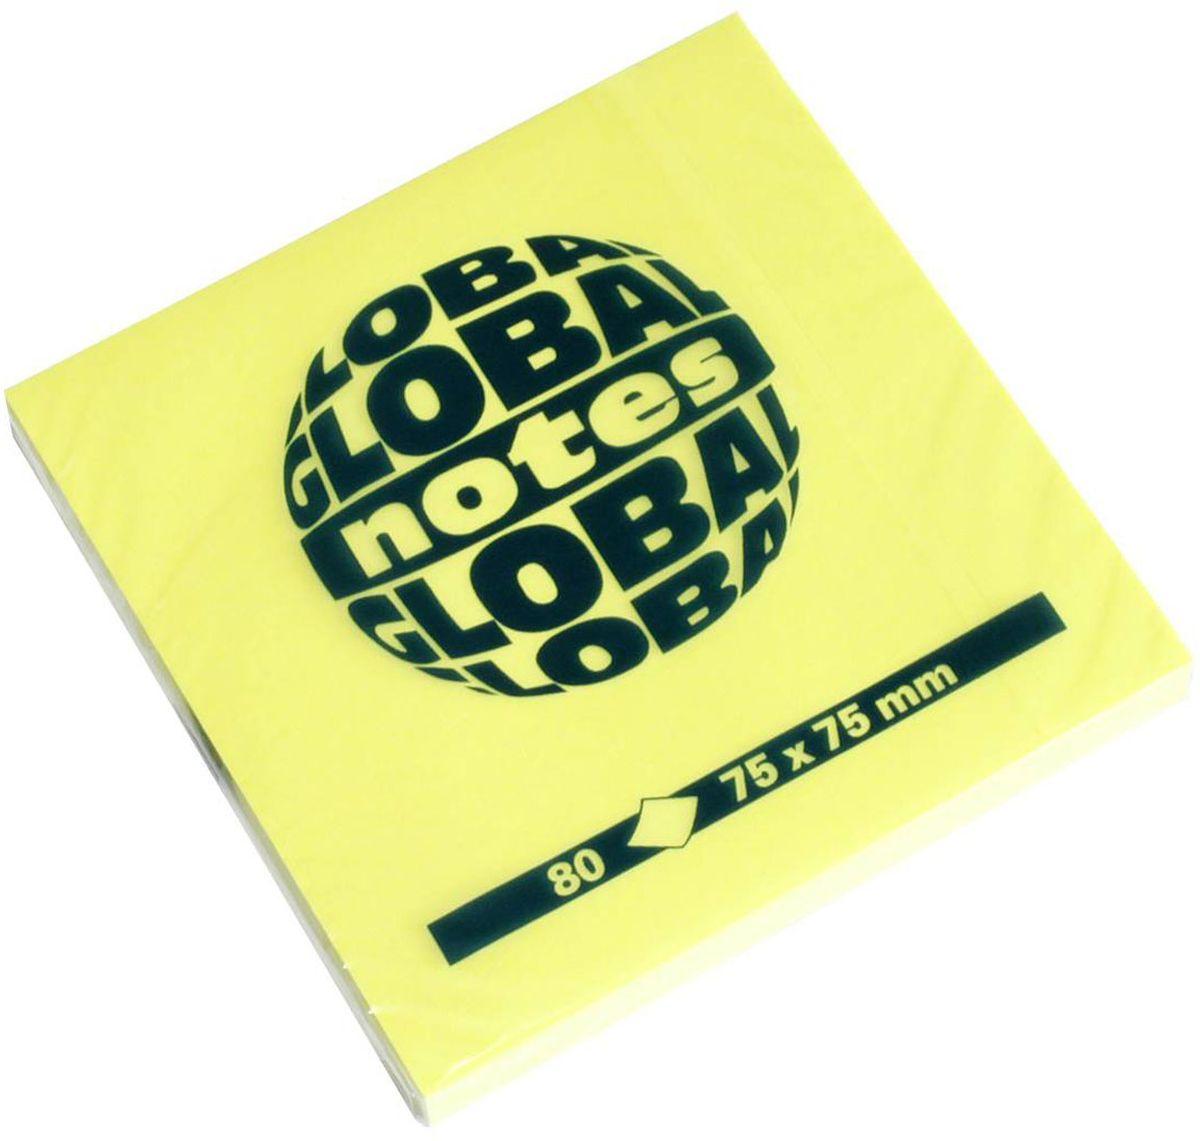 Global Notes Бумага для заметок с липким слоем цвет желтый 80 листов